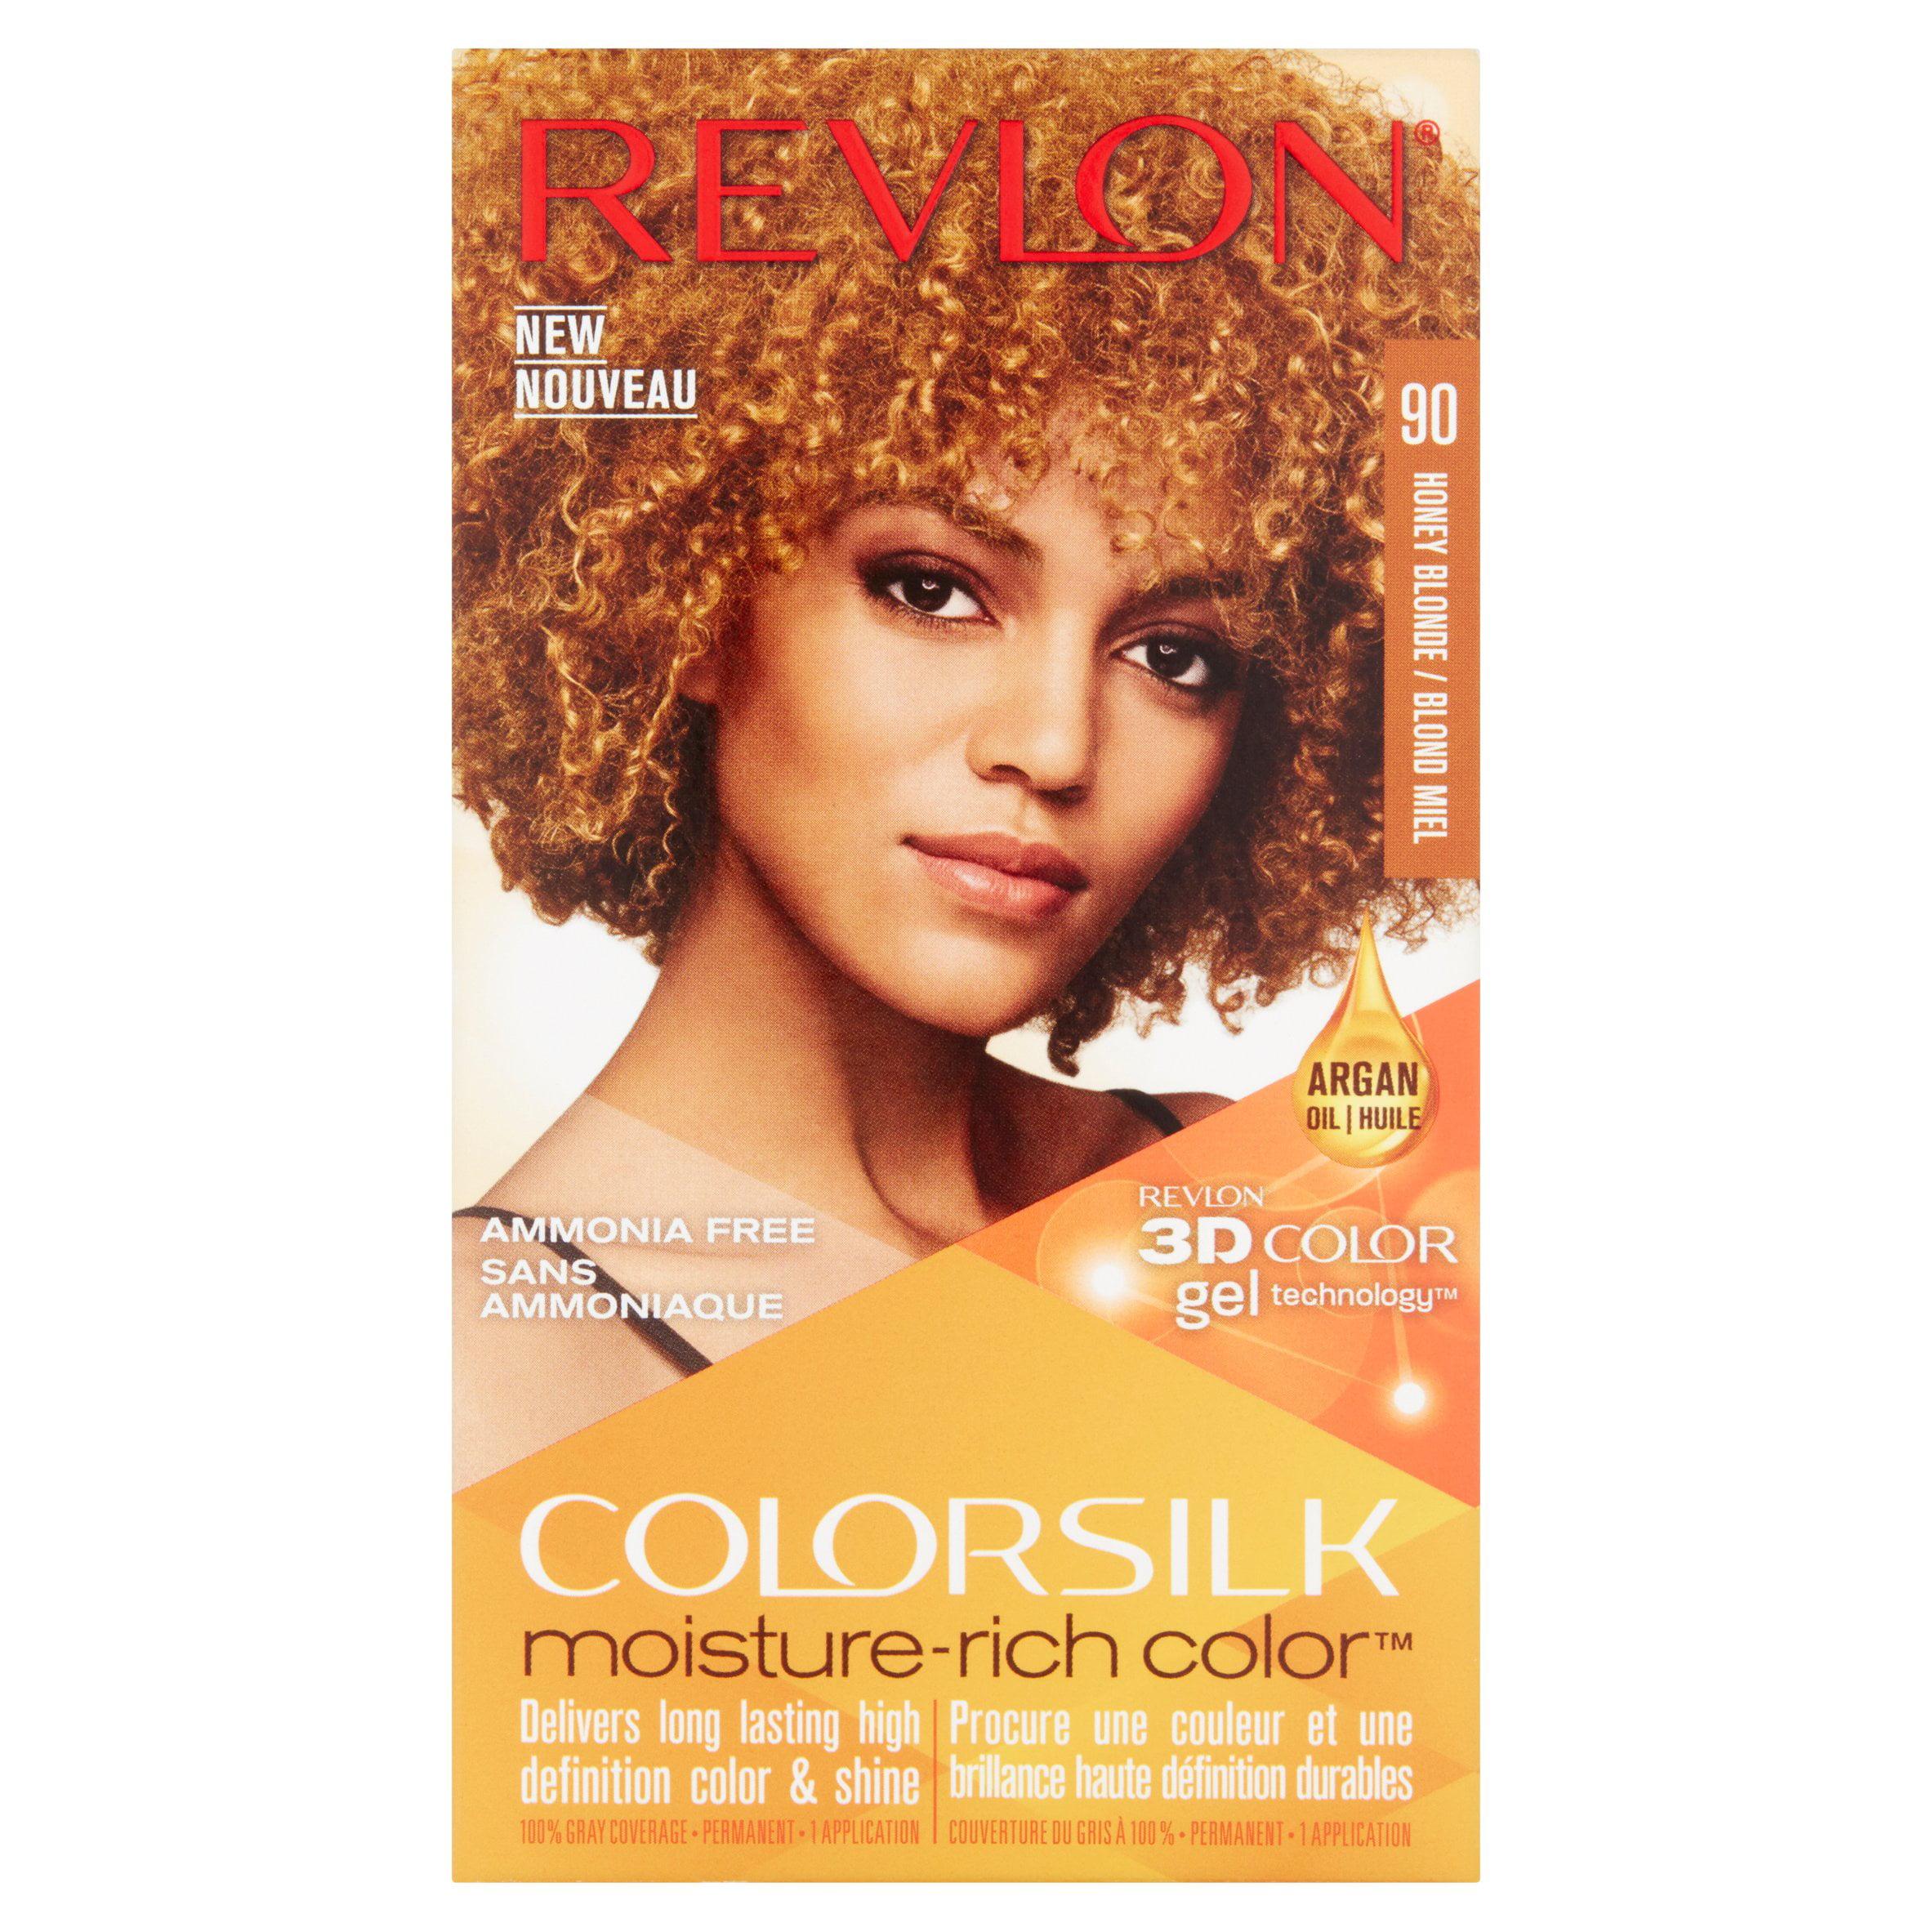 Revlon Colorsilk Moisture Rich Color 90 Honey Blonde Hair Color 1